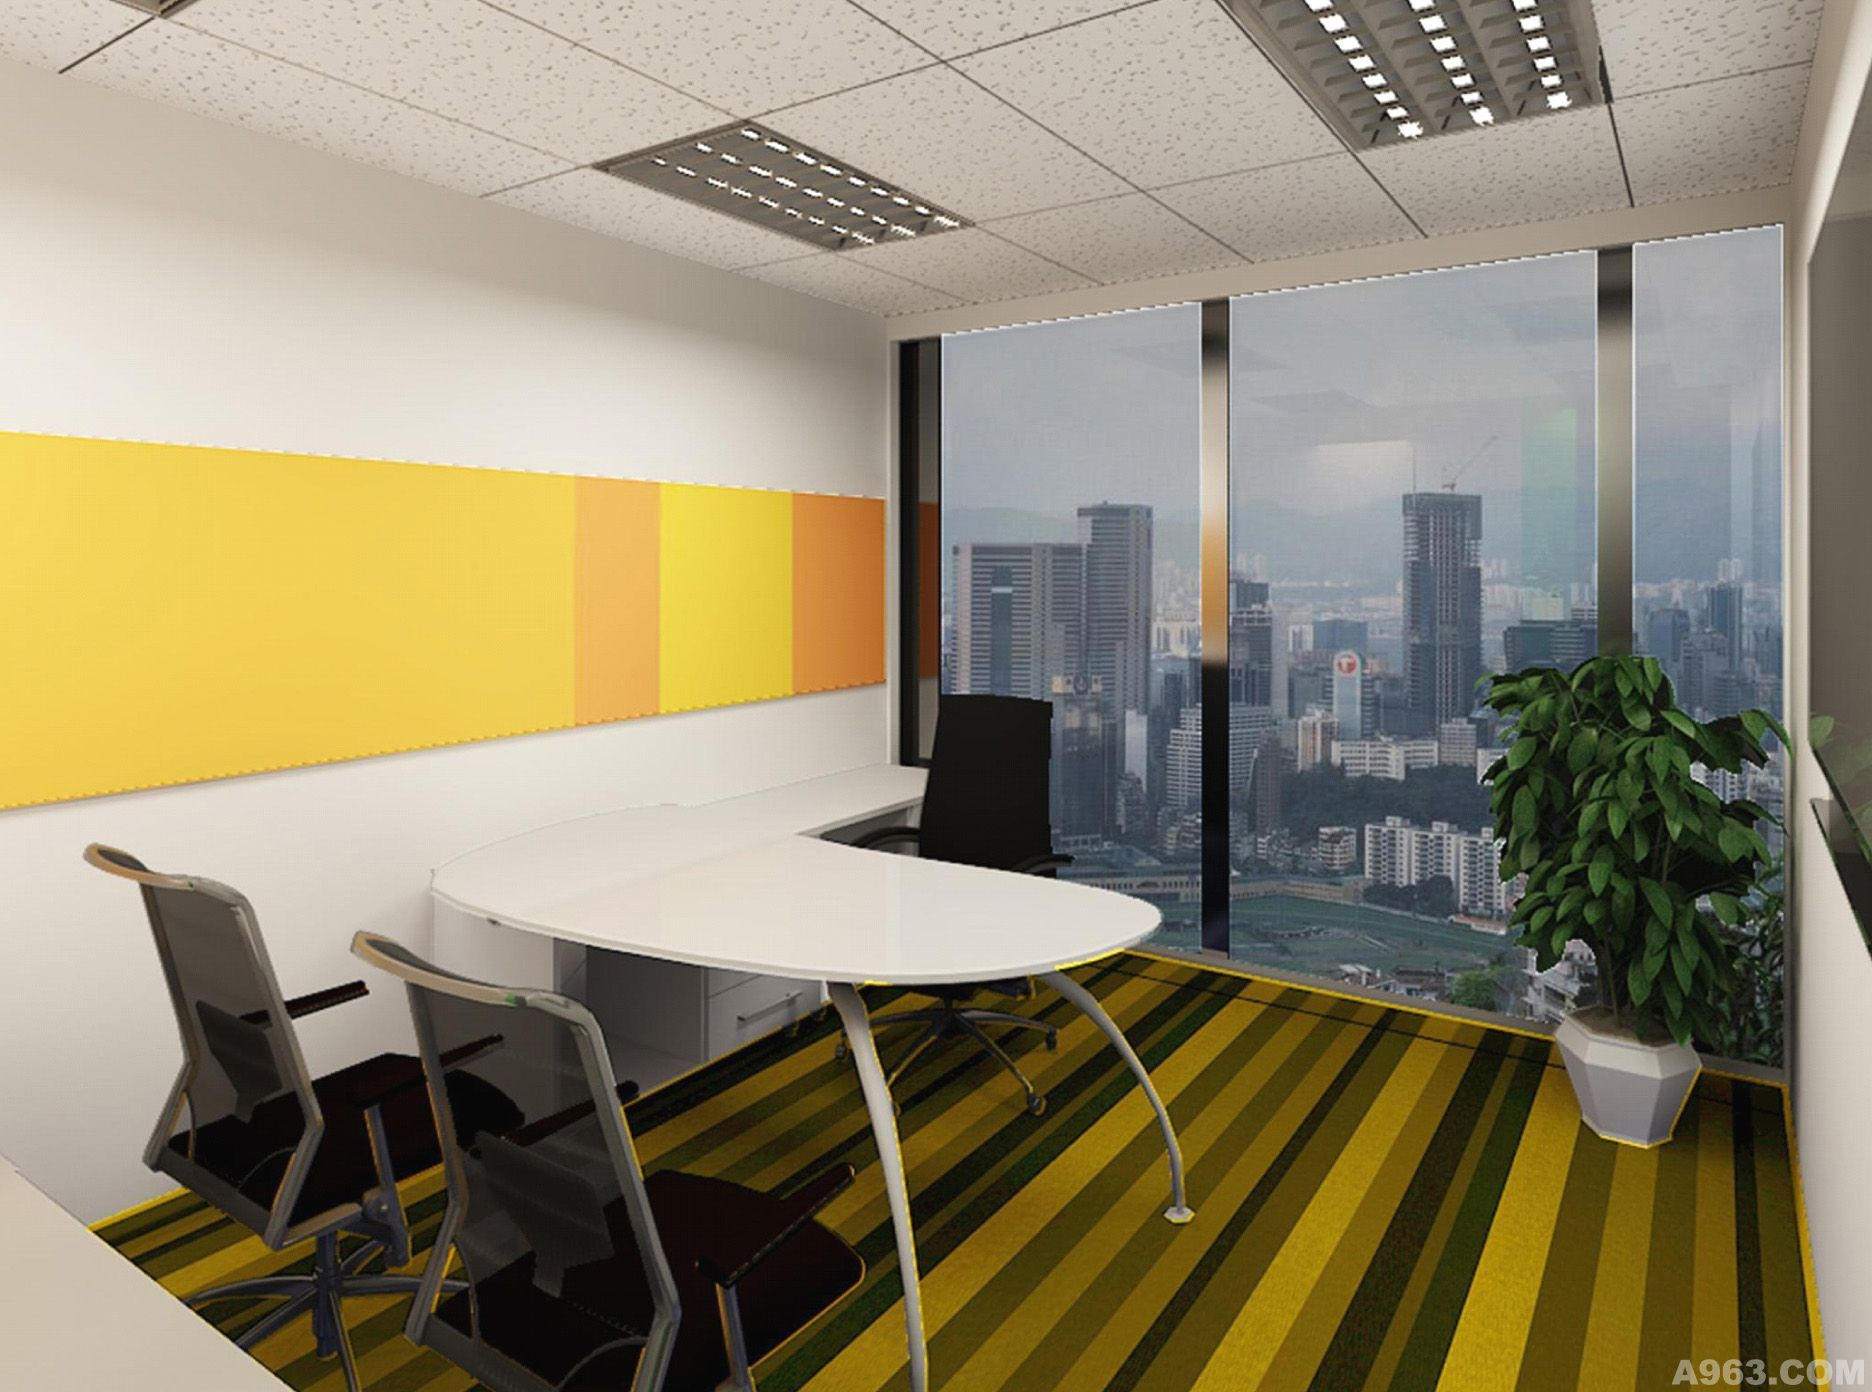 中华室内设计网 作品中心 公共空间 办公空间 > 上海弘杰装饰设计工程